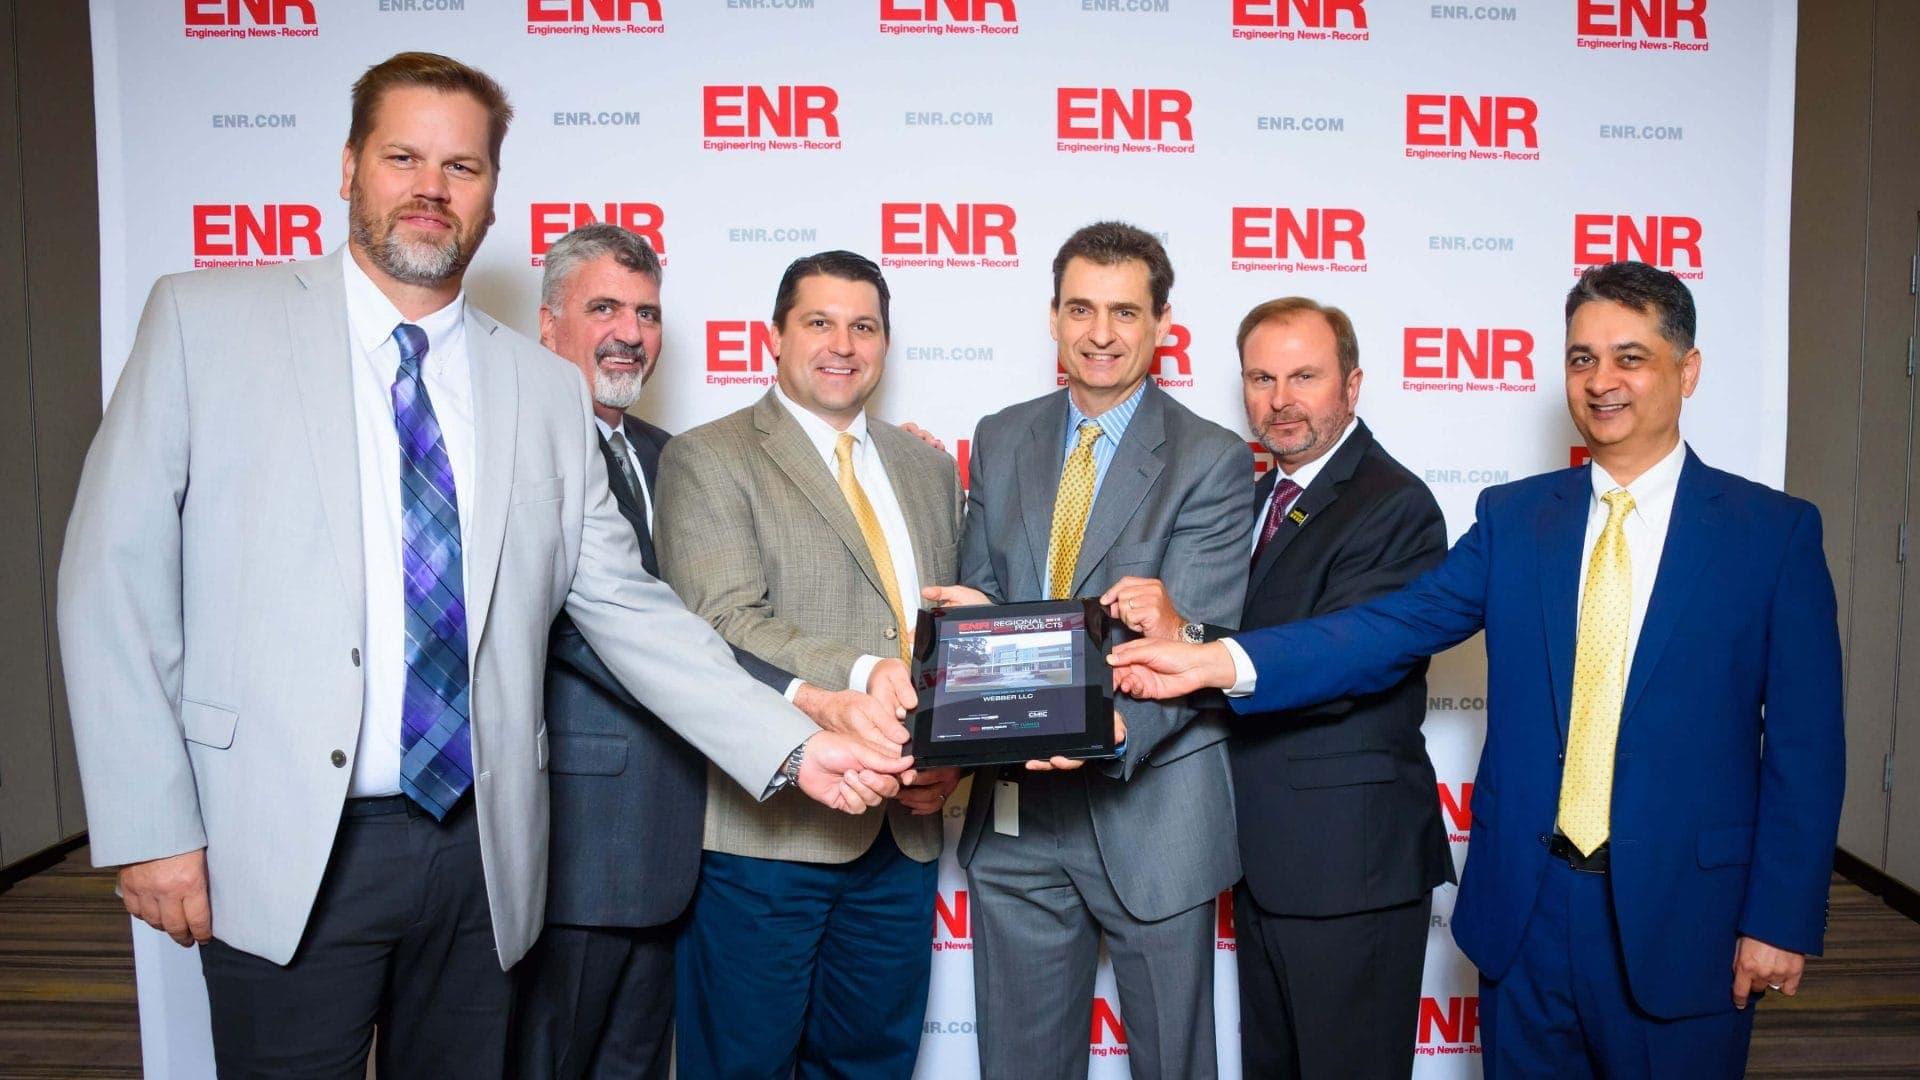 Entrega de premios ENR a Webber